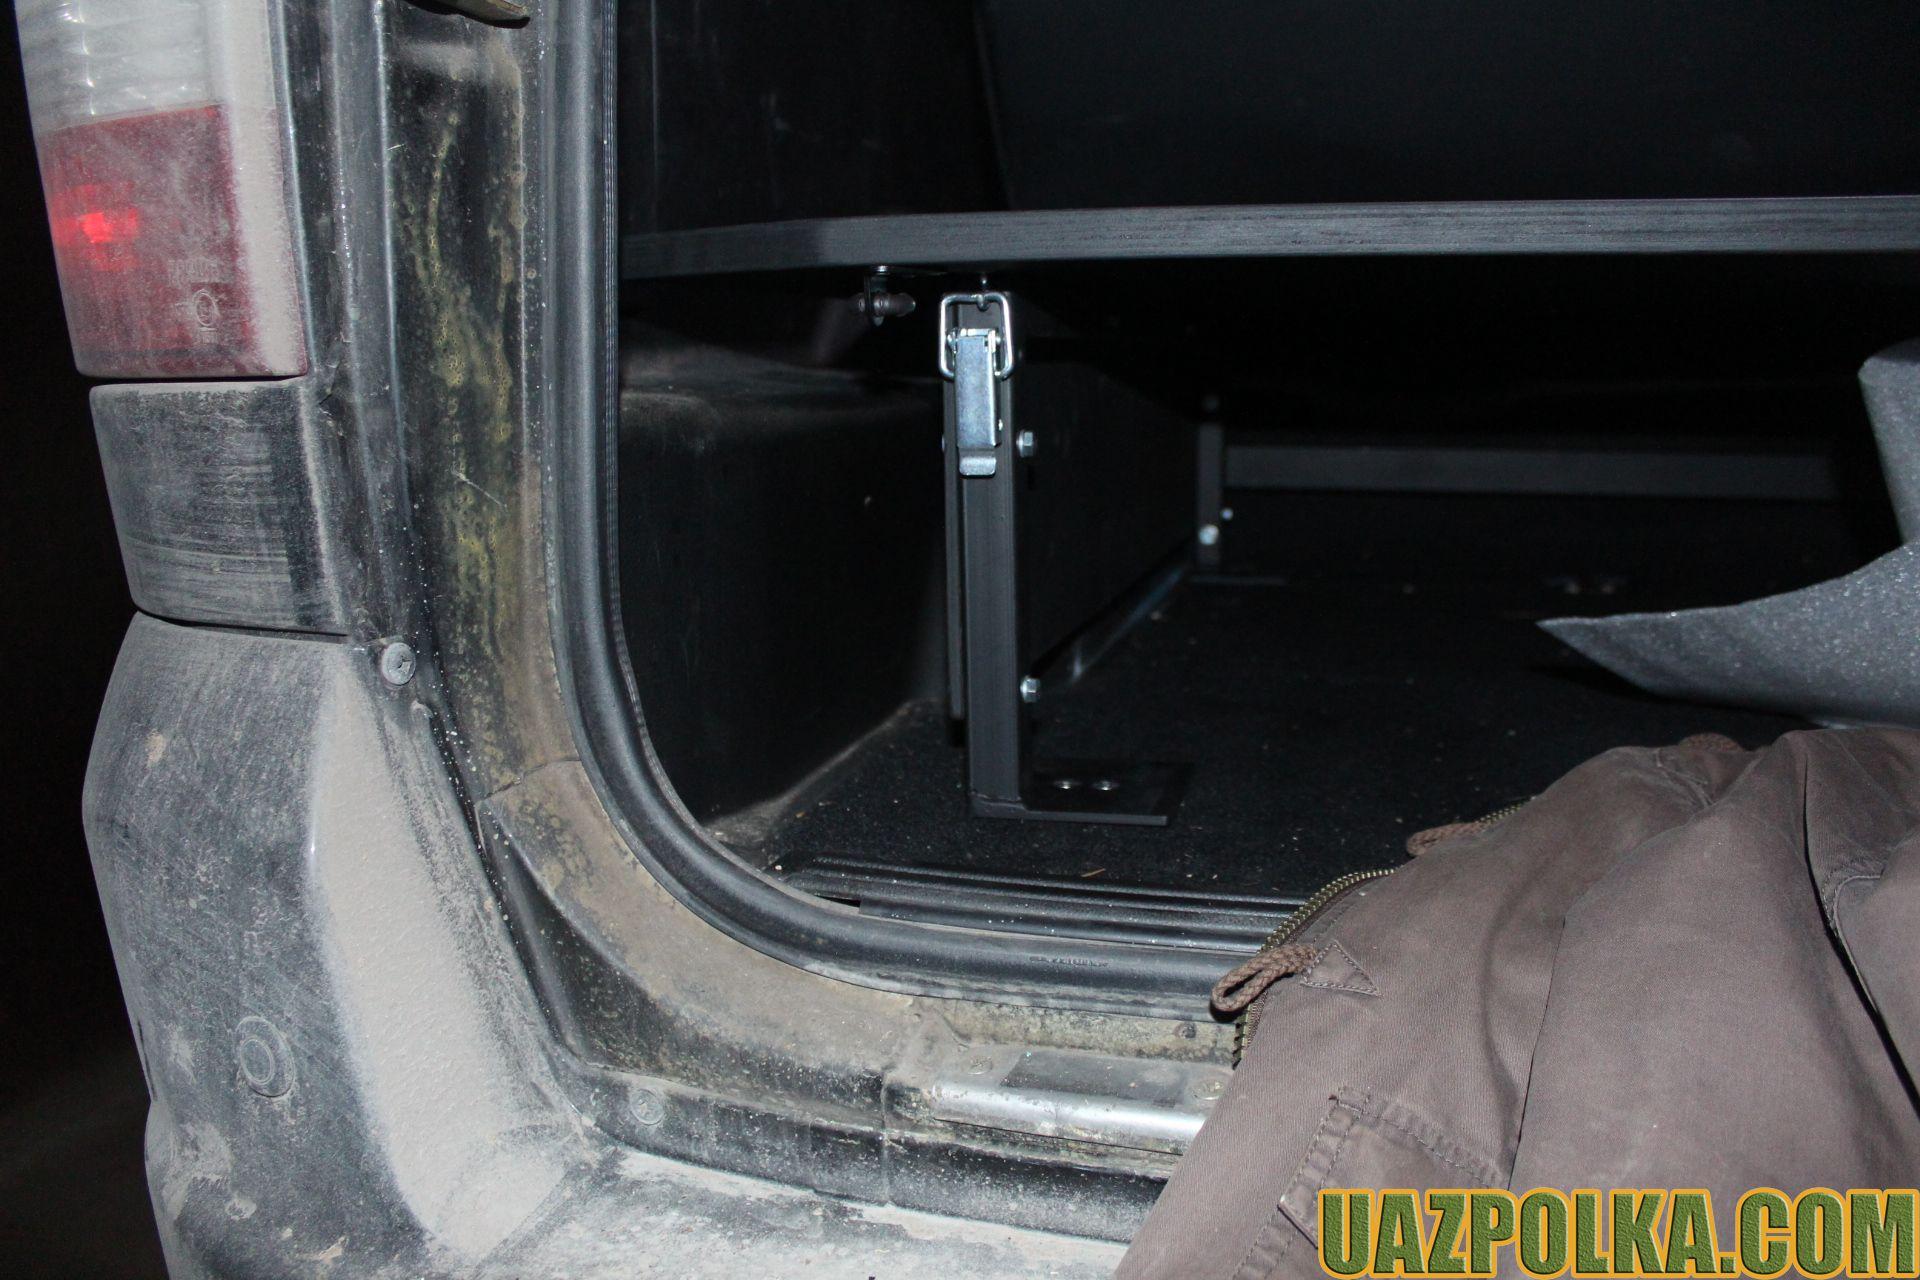 Эконом New 230 без опций - г. Железнодорожный 10